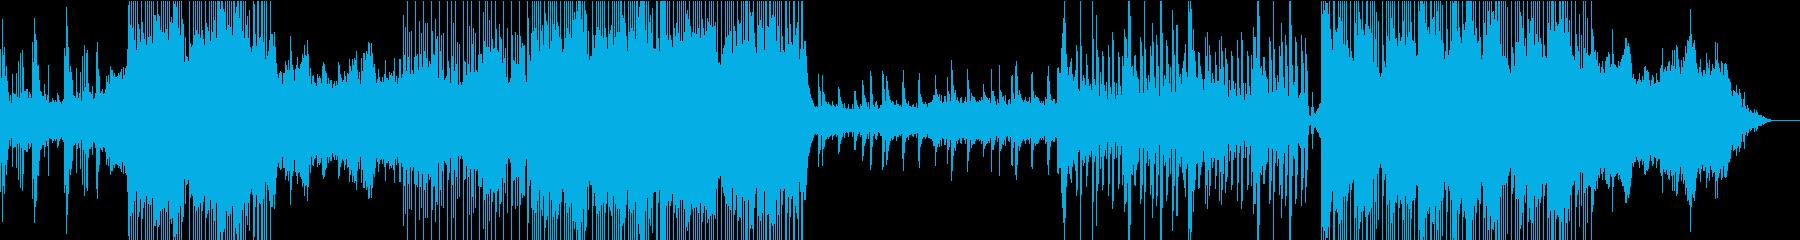 切ないメロディーを奏でるピアノストリングの再生済みの波形